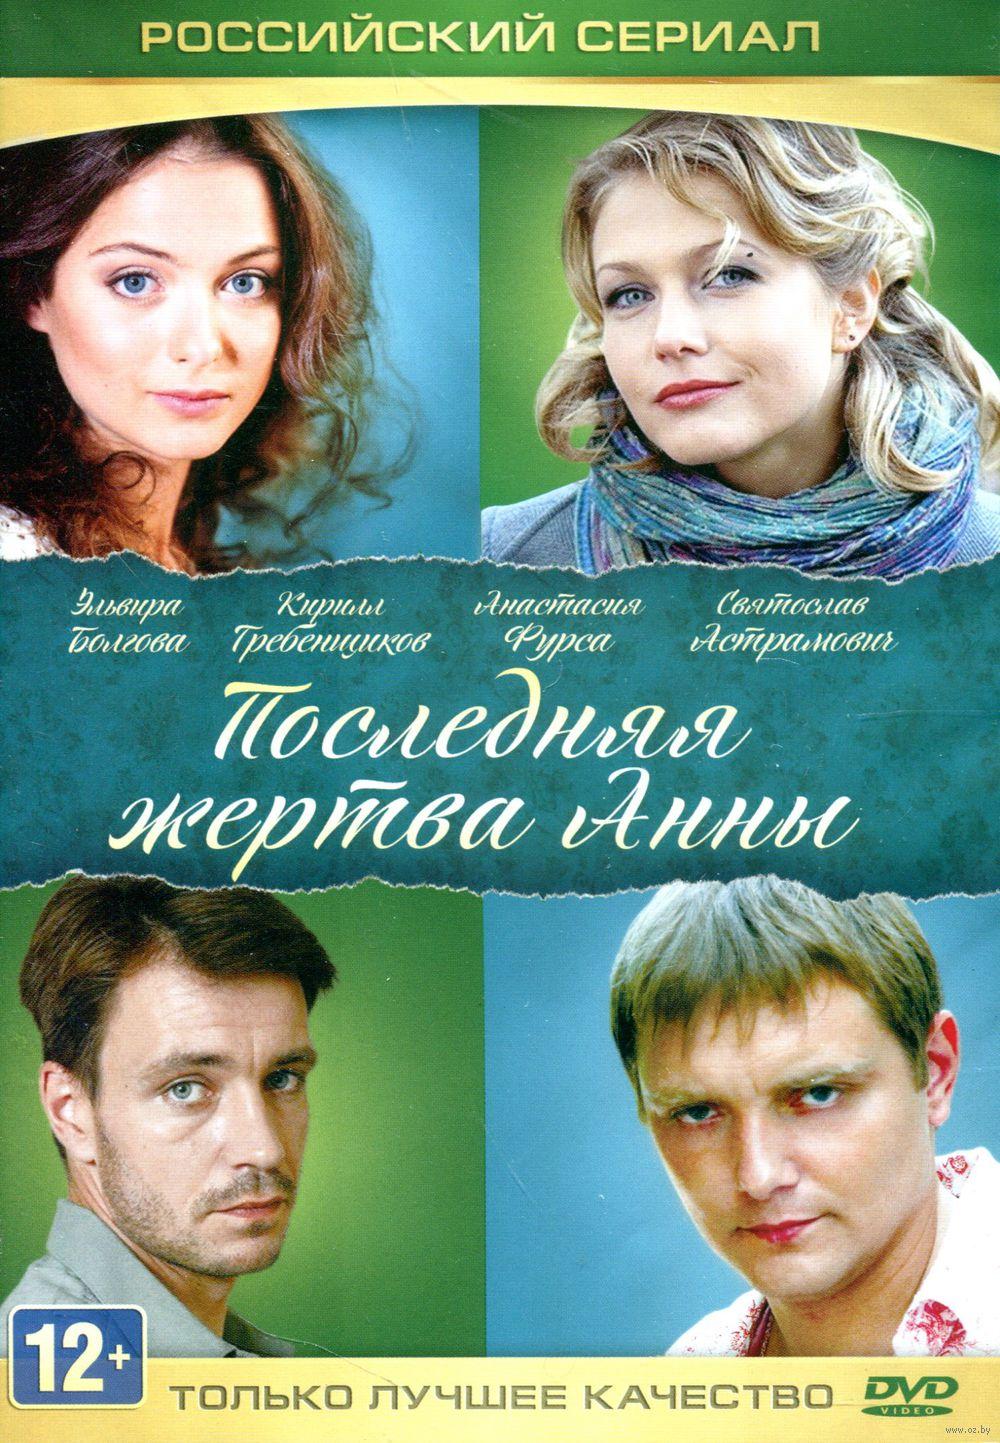 Российские мелодрамы смотреть онлайн бесплатно 2 фотография